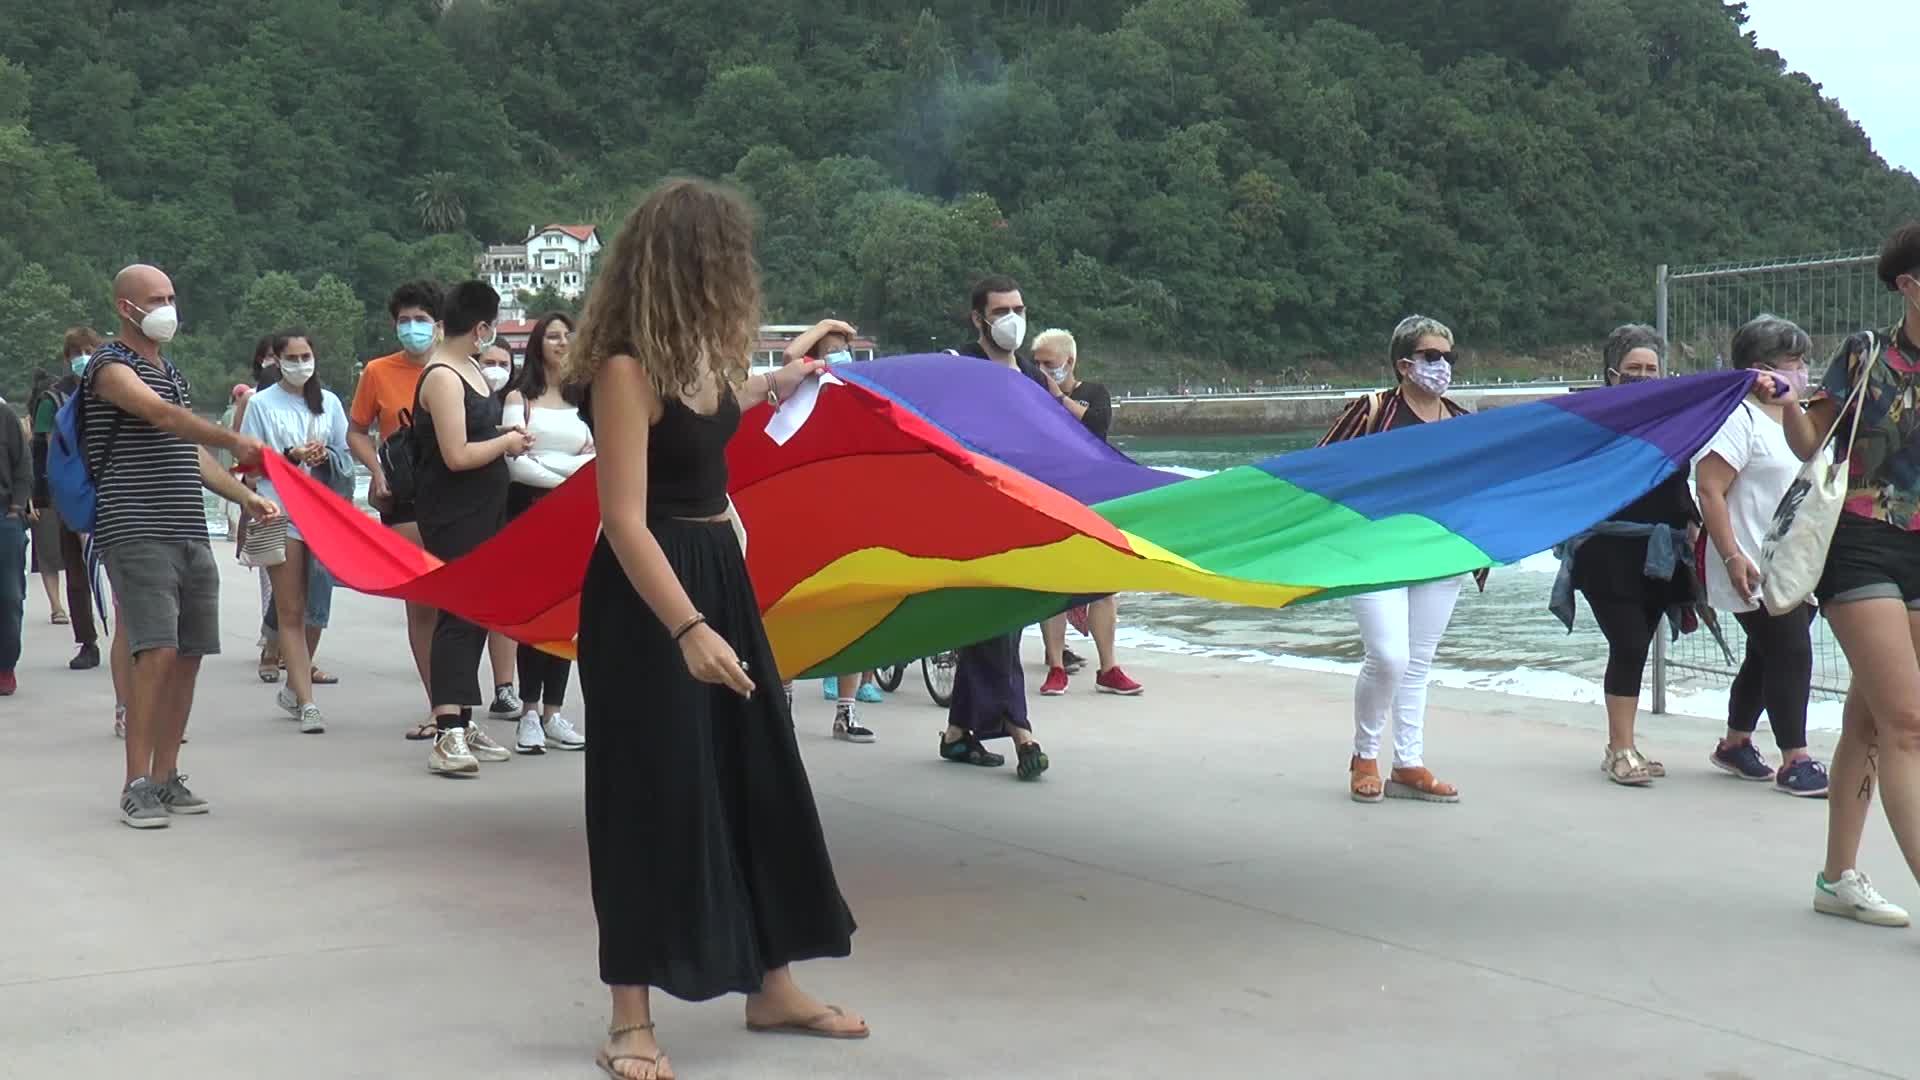 LGTBIQ + kolektiboaren aldeko aldarriak nagusitu dira goizeko manifestazioan